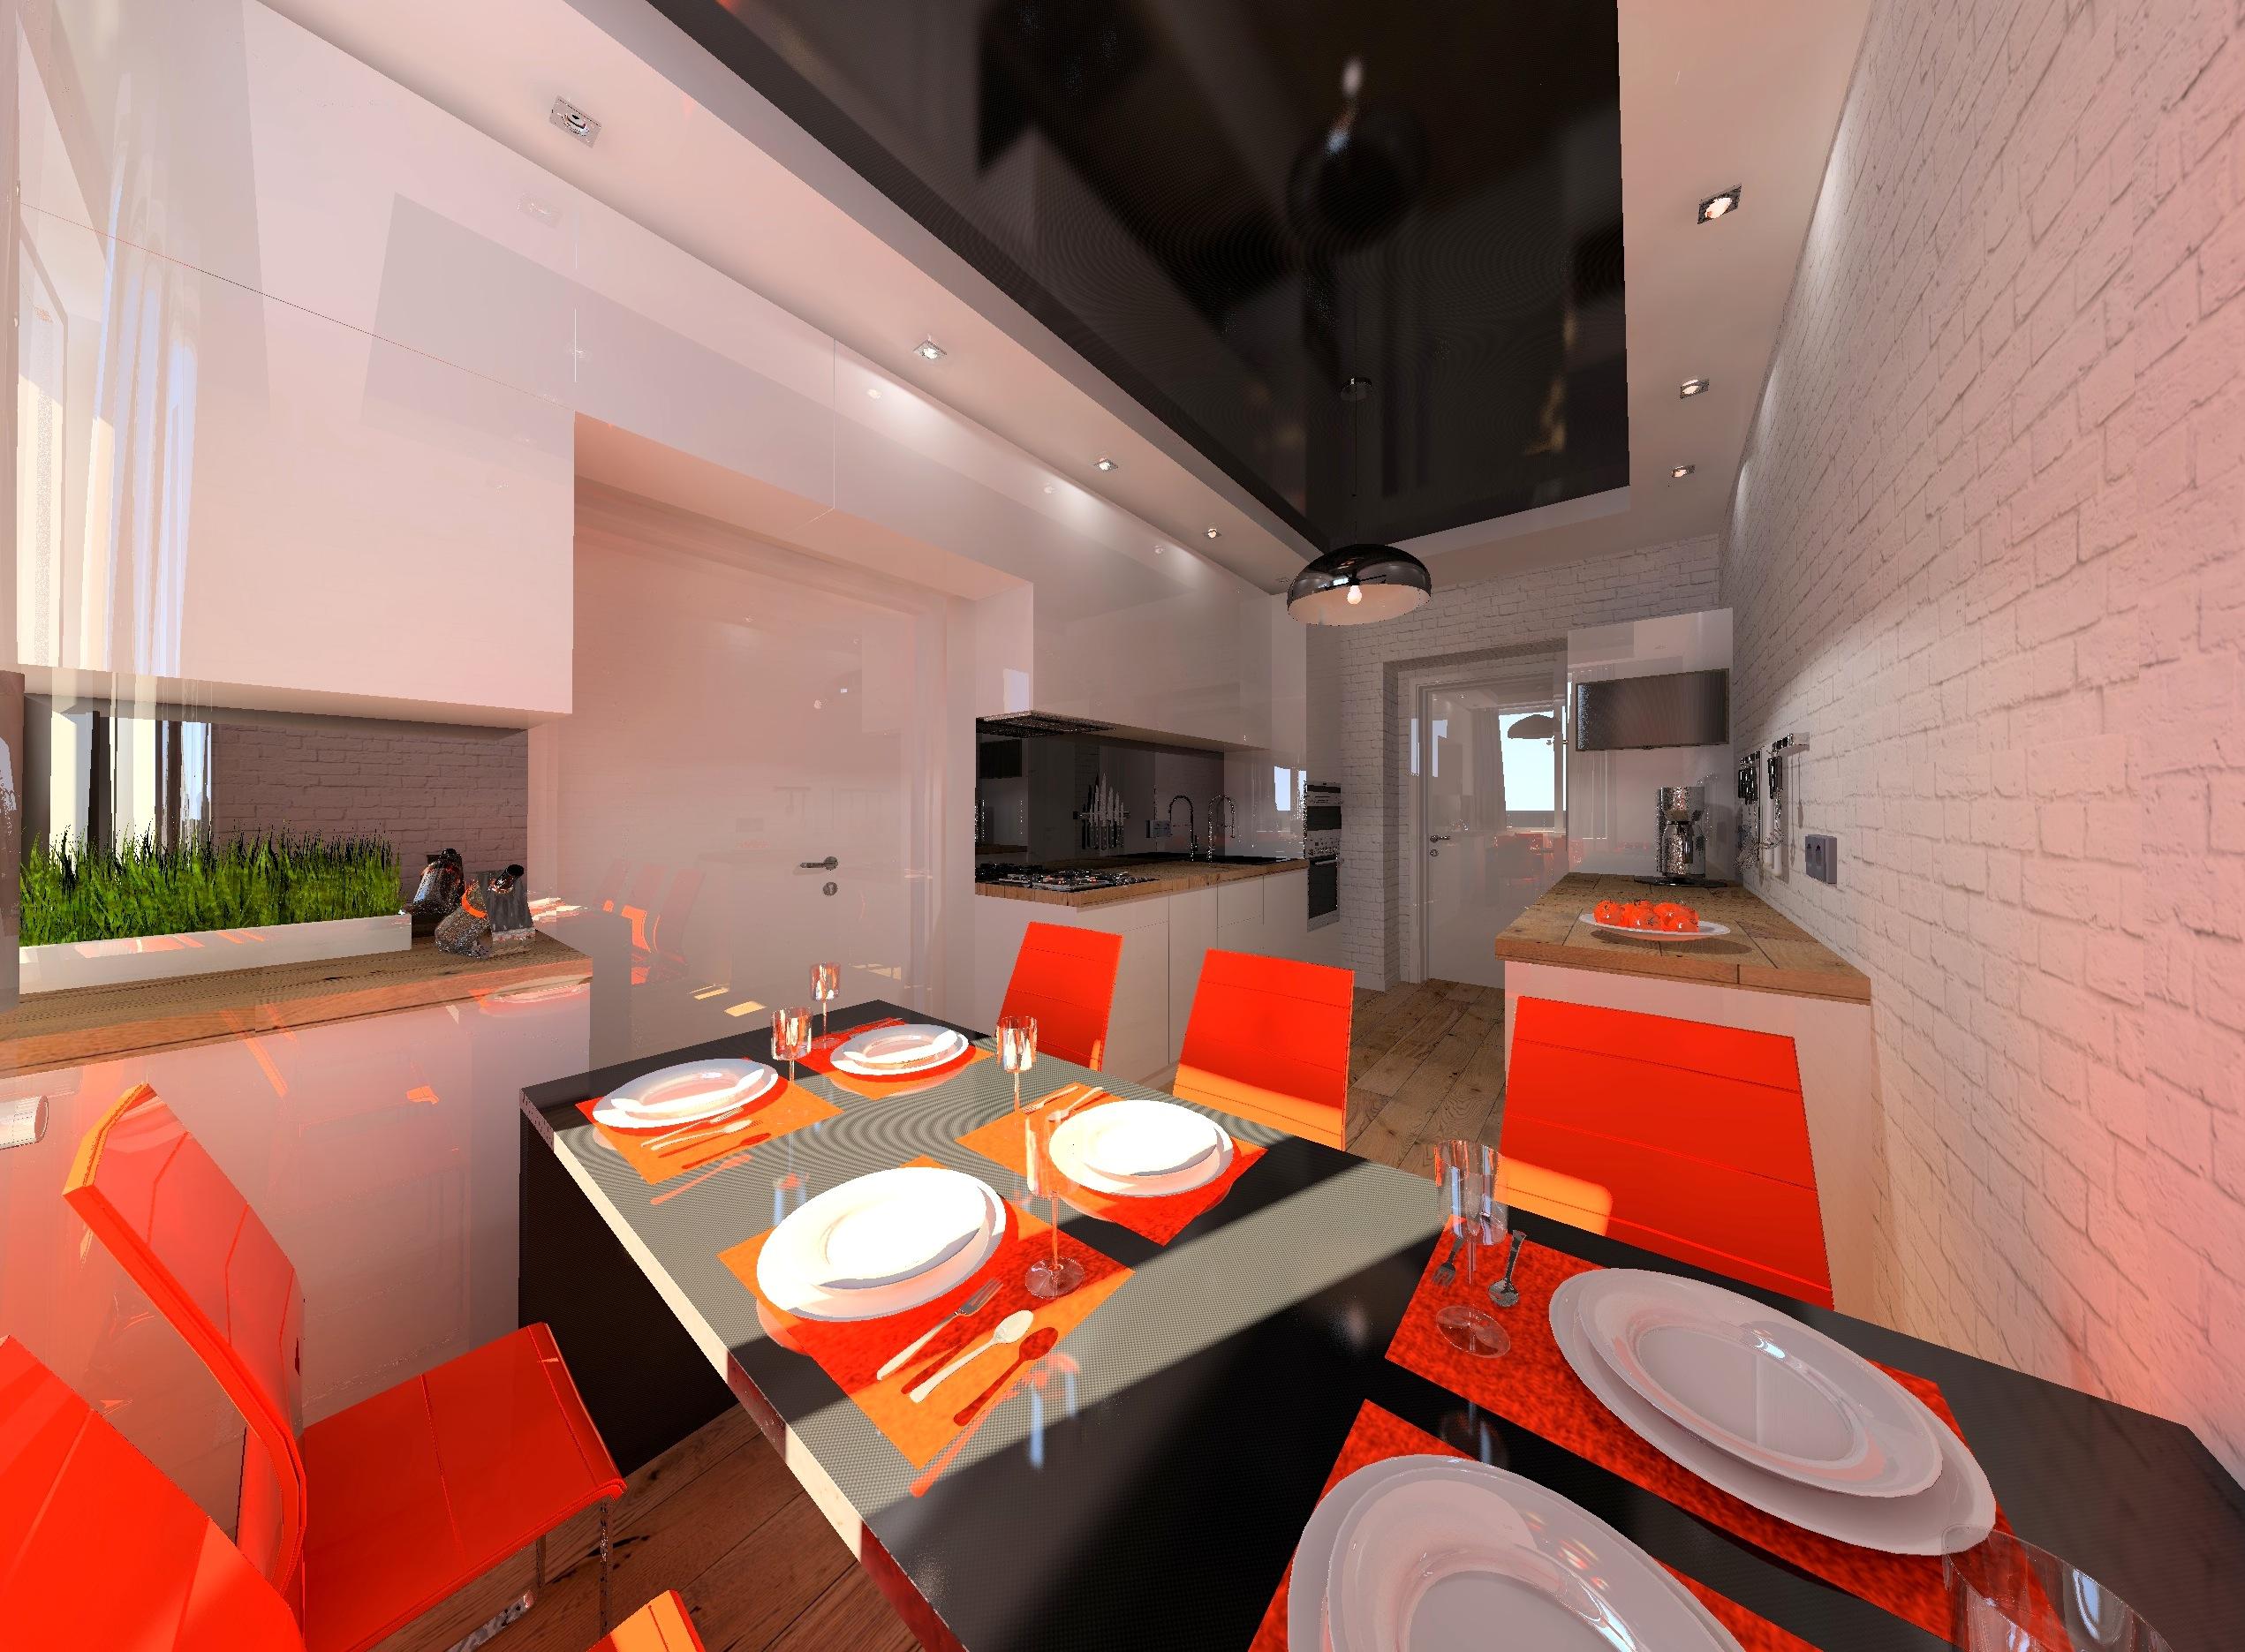 Дизайн проект интерьера первого уровня квартиры 69,9 м.кв. фото f_2235a577aeb5bb4d.jpg